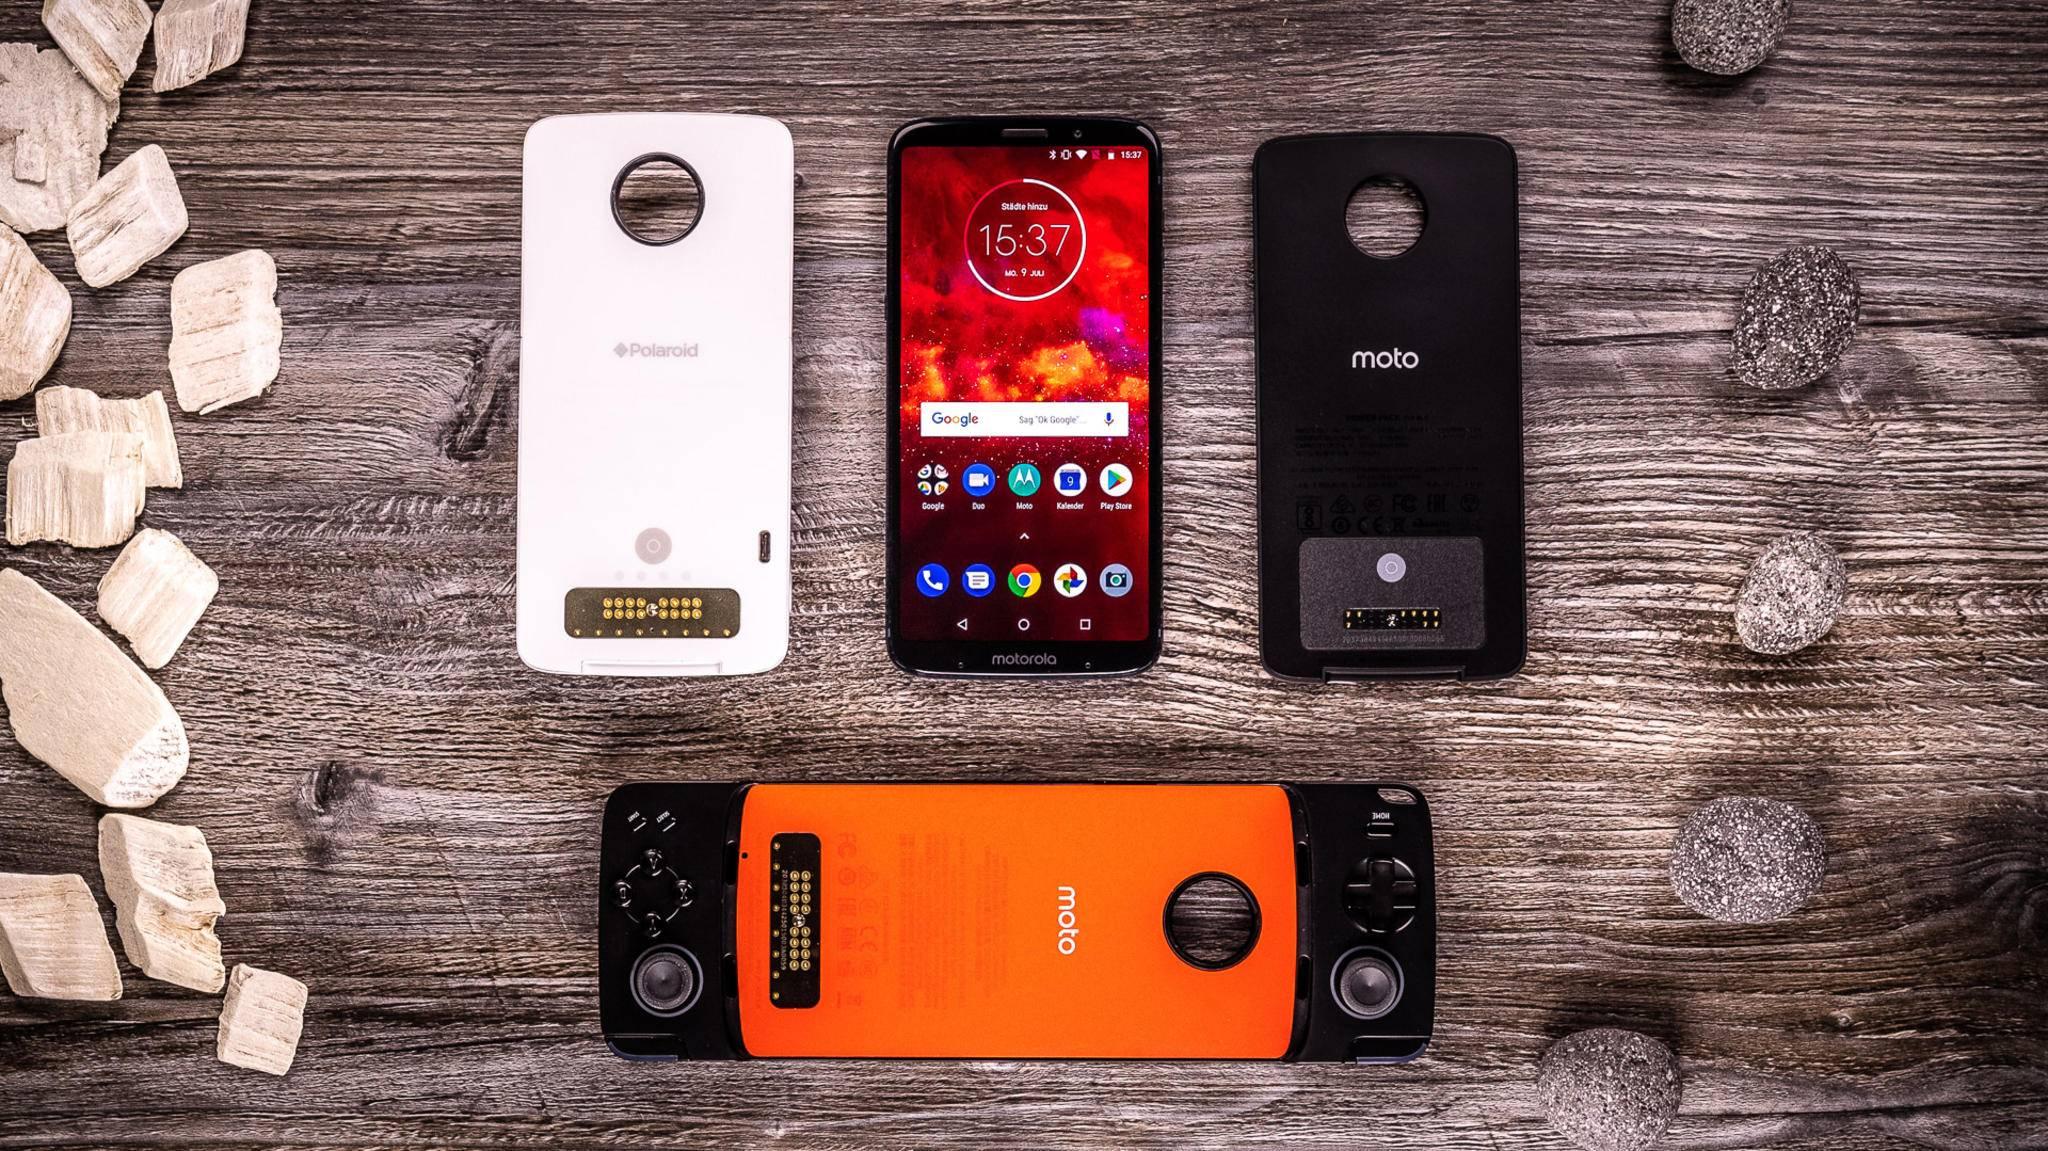 Huawei plant offenbar Smartphone-Cases ähnlich den Moto Mods (Foto).